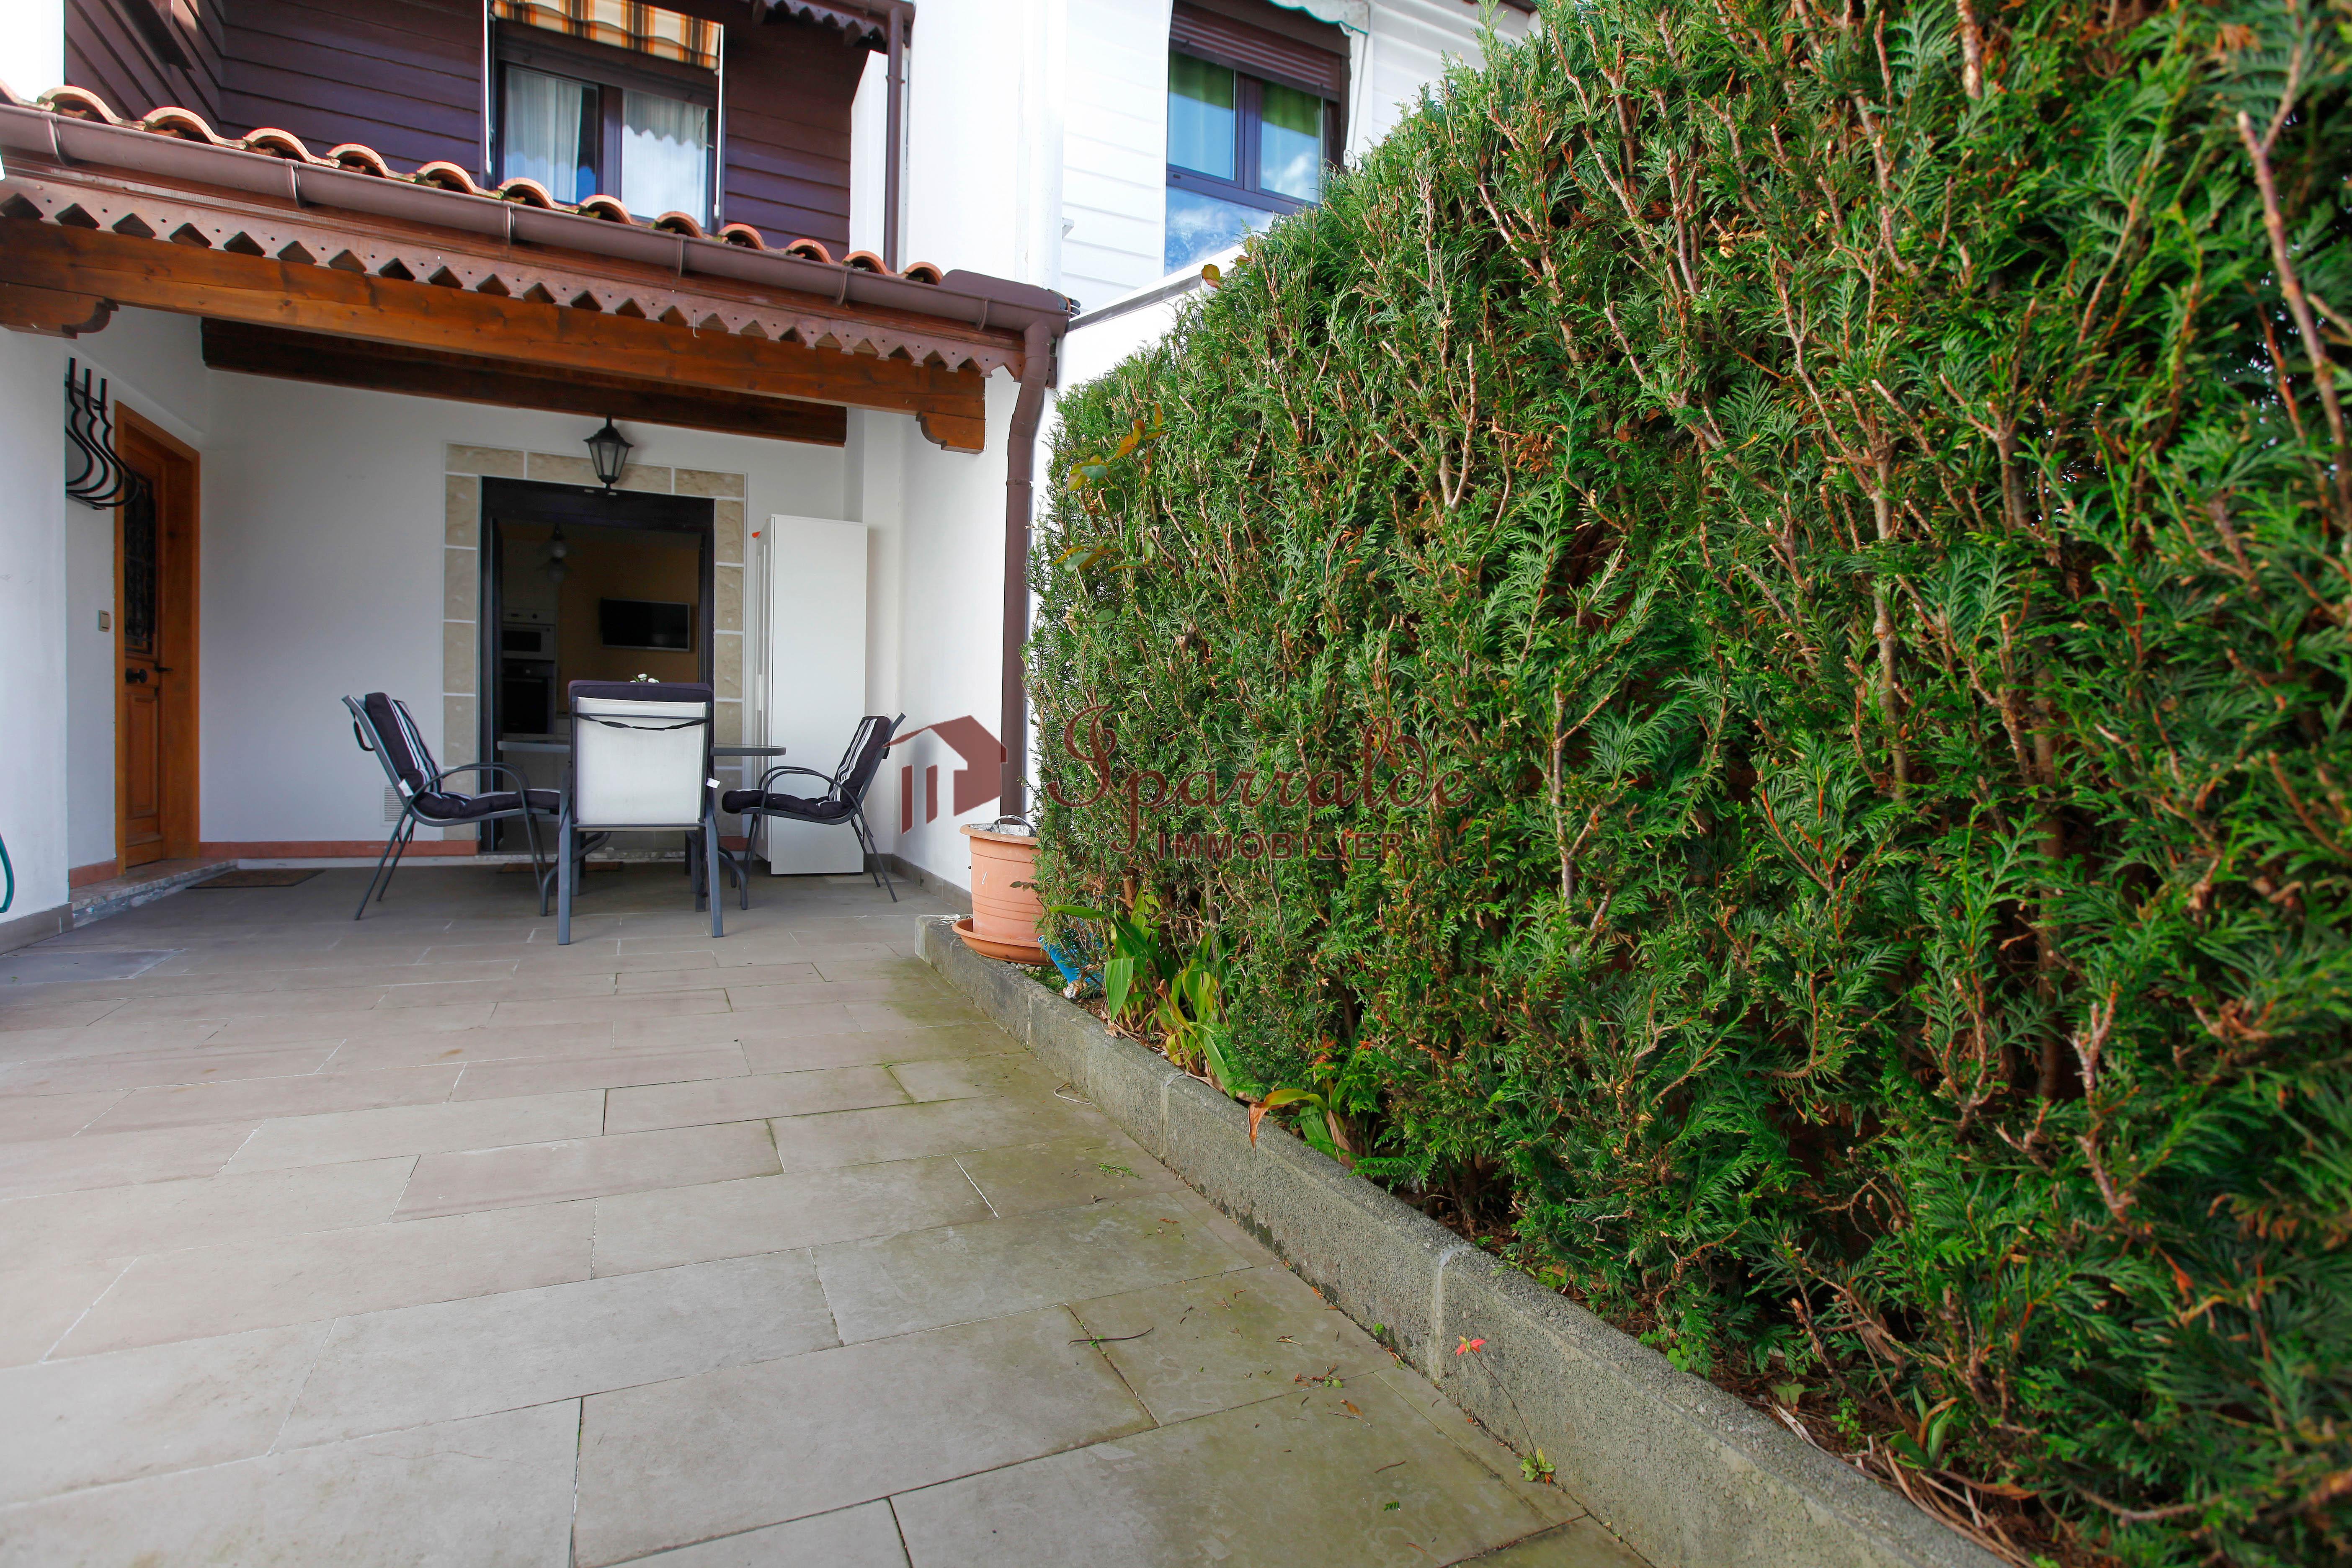 A vendre belle maison mitoyenne à Hendaye équipée de 3 chambres, g...